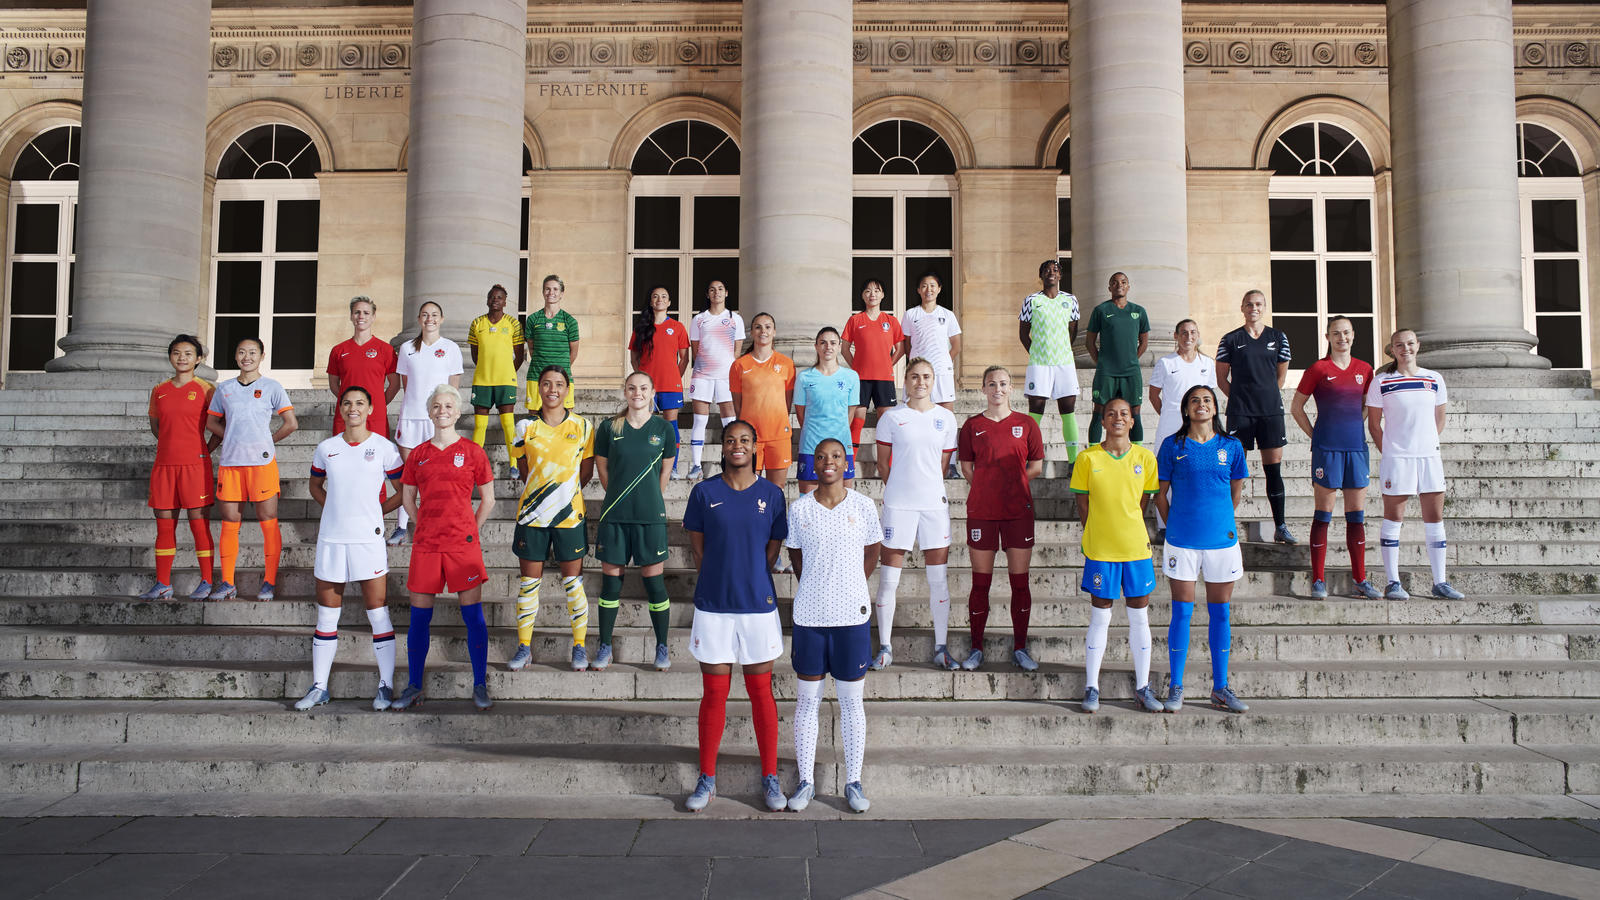 e2244c18c97da C'est le nombre de nations, sur 24, qu'équipera Nike lors de la Coupe du  Monde Féminine de Football 2019 organisée en France cet été.